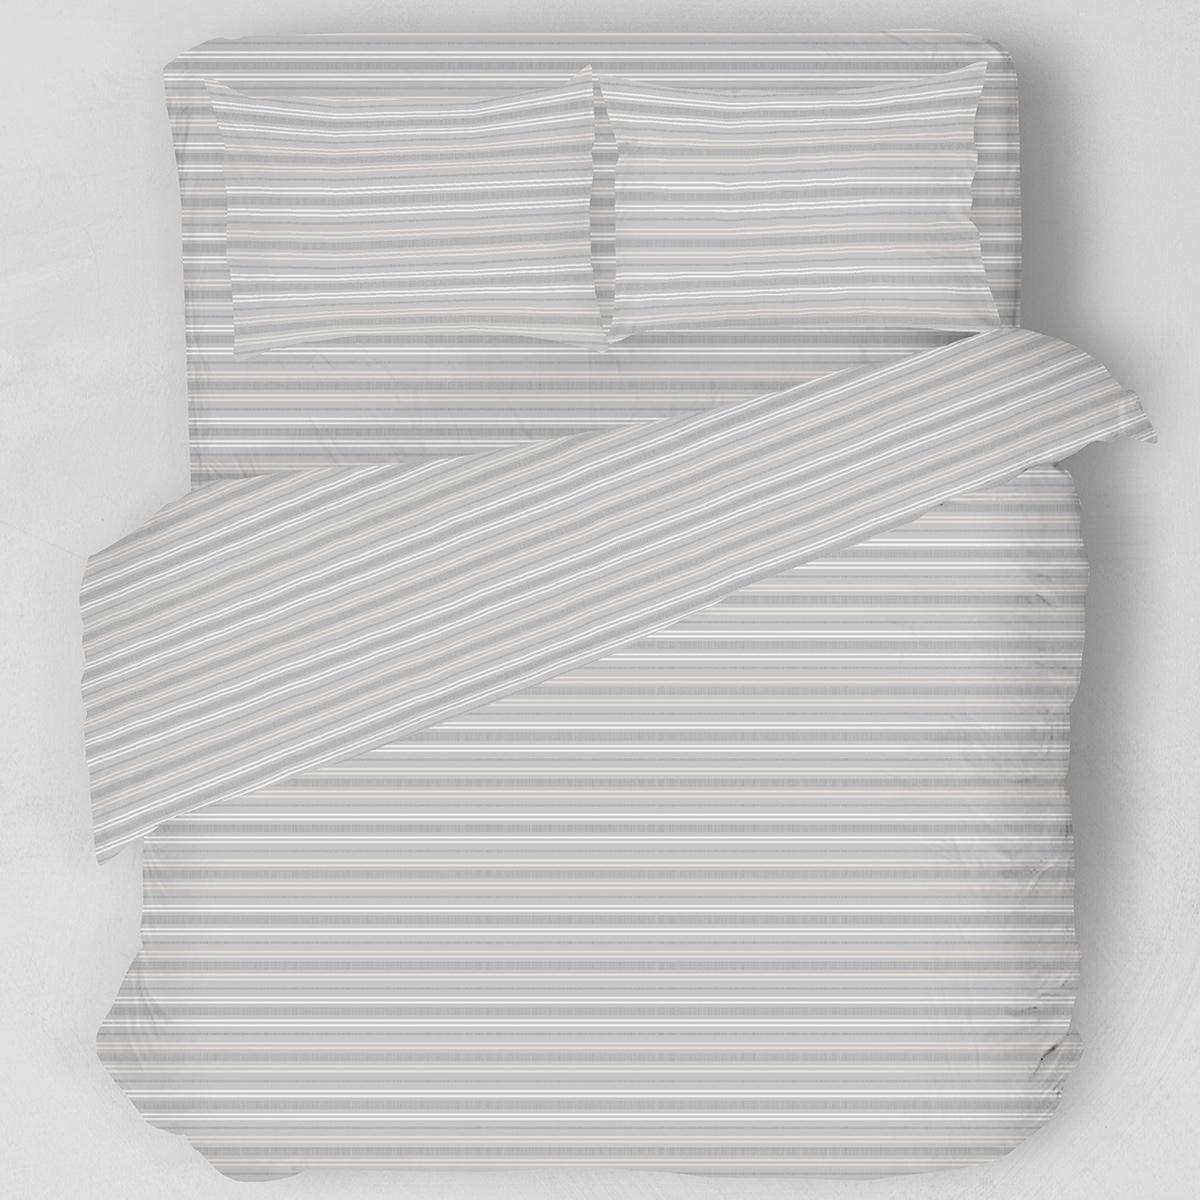 Σεντόνια Υπέρδιπλα (Σετ) Melinen Lines Grey/White ΜΕ ΛΑΣΤΙΧΟ 160×200+32 ΜΕ ΛΑΣΤΙΧΟ 160×200+32